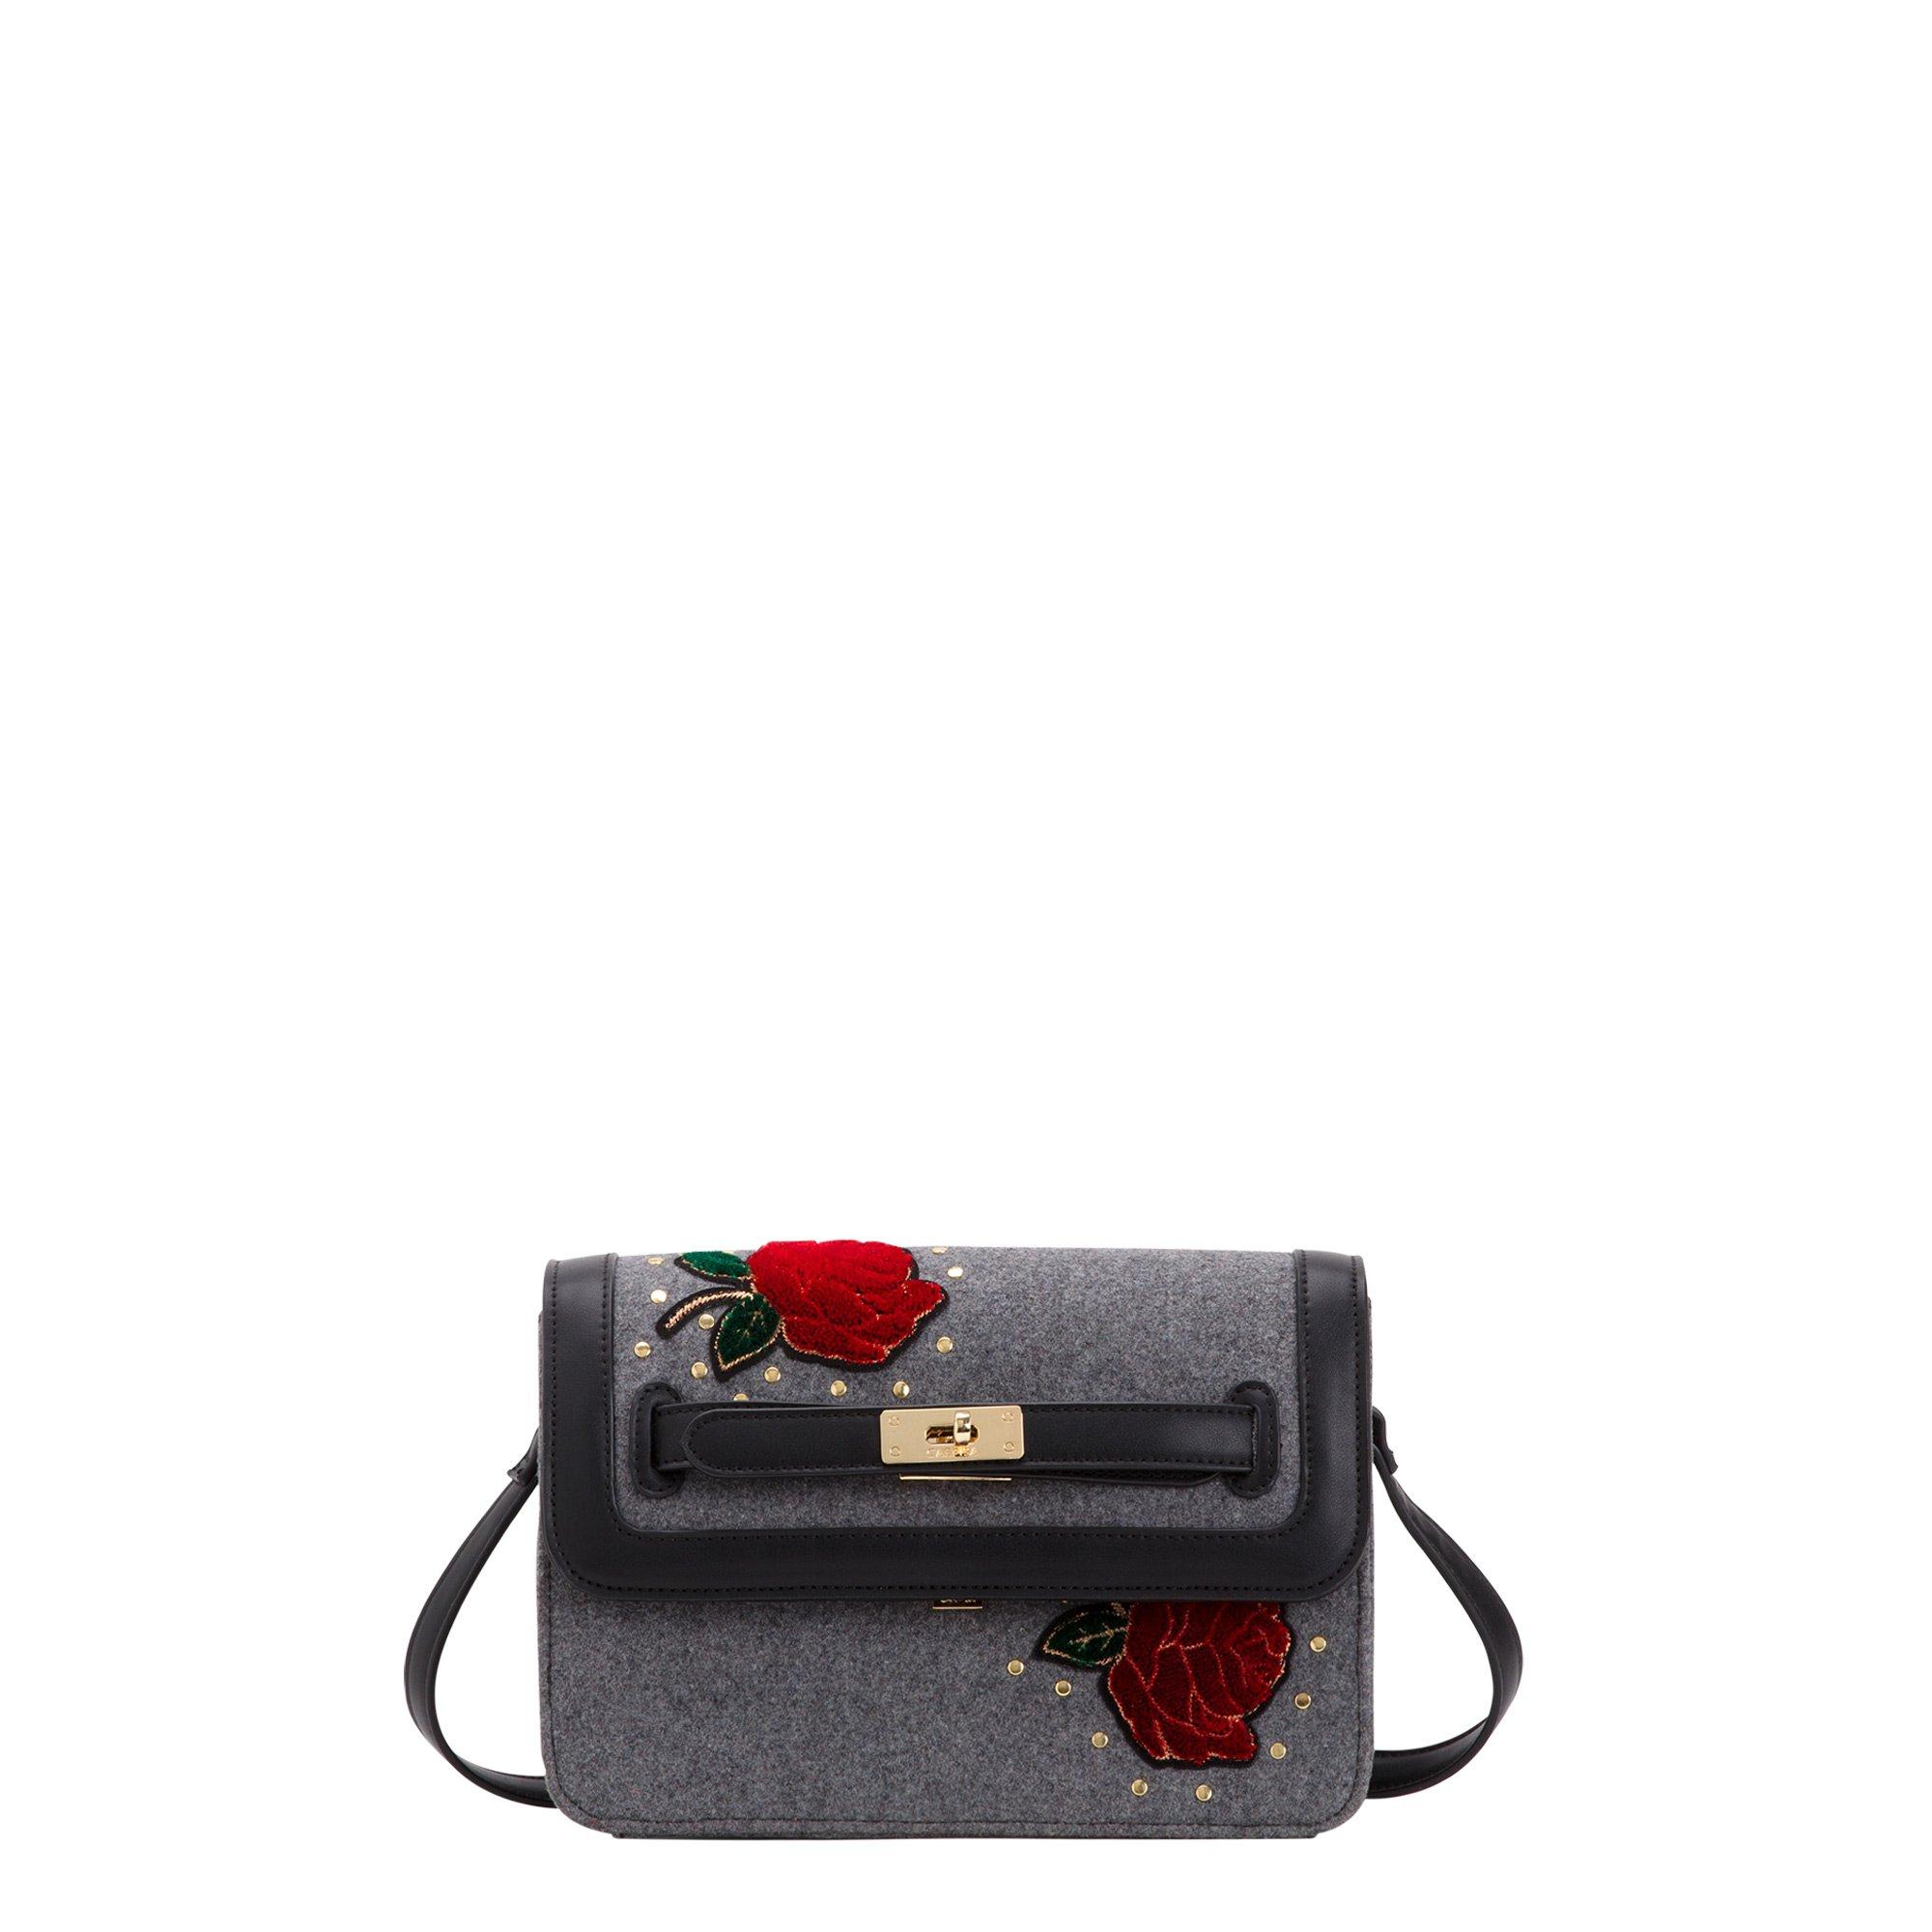 Borsa a tracolla a fiori con borchie Carpisa a 29,95 euro inverno 2019